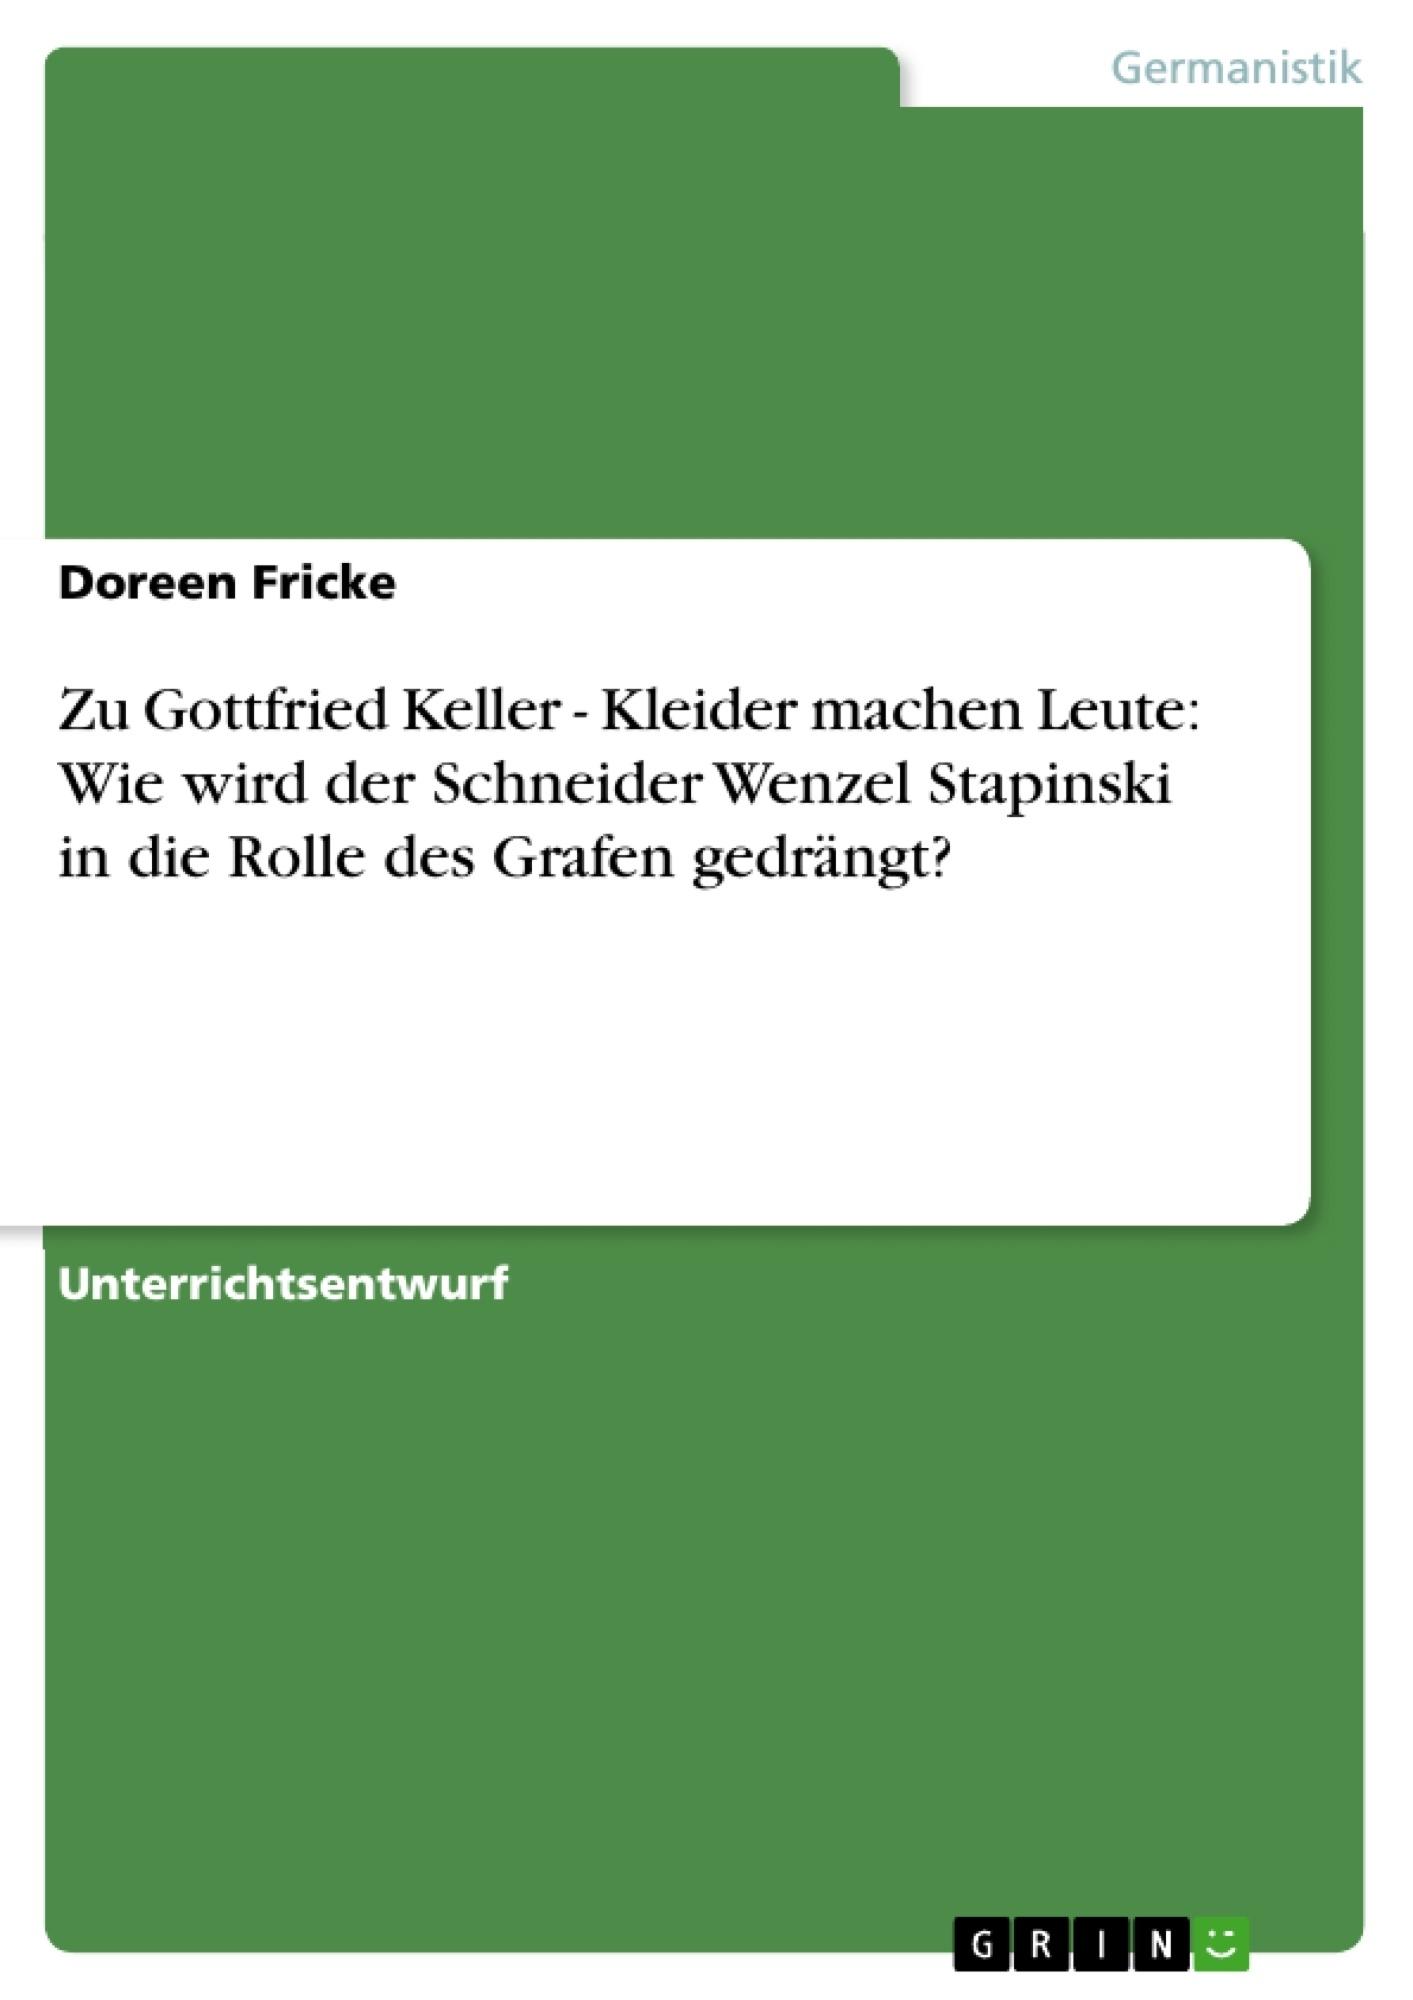 Titel: Zu Gottfried Keller - Kleider machen Leute: Wie wird der Schneider Wenzel Stapinski in die Rolle des Grafen gedrängt?